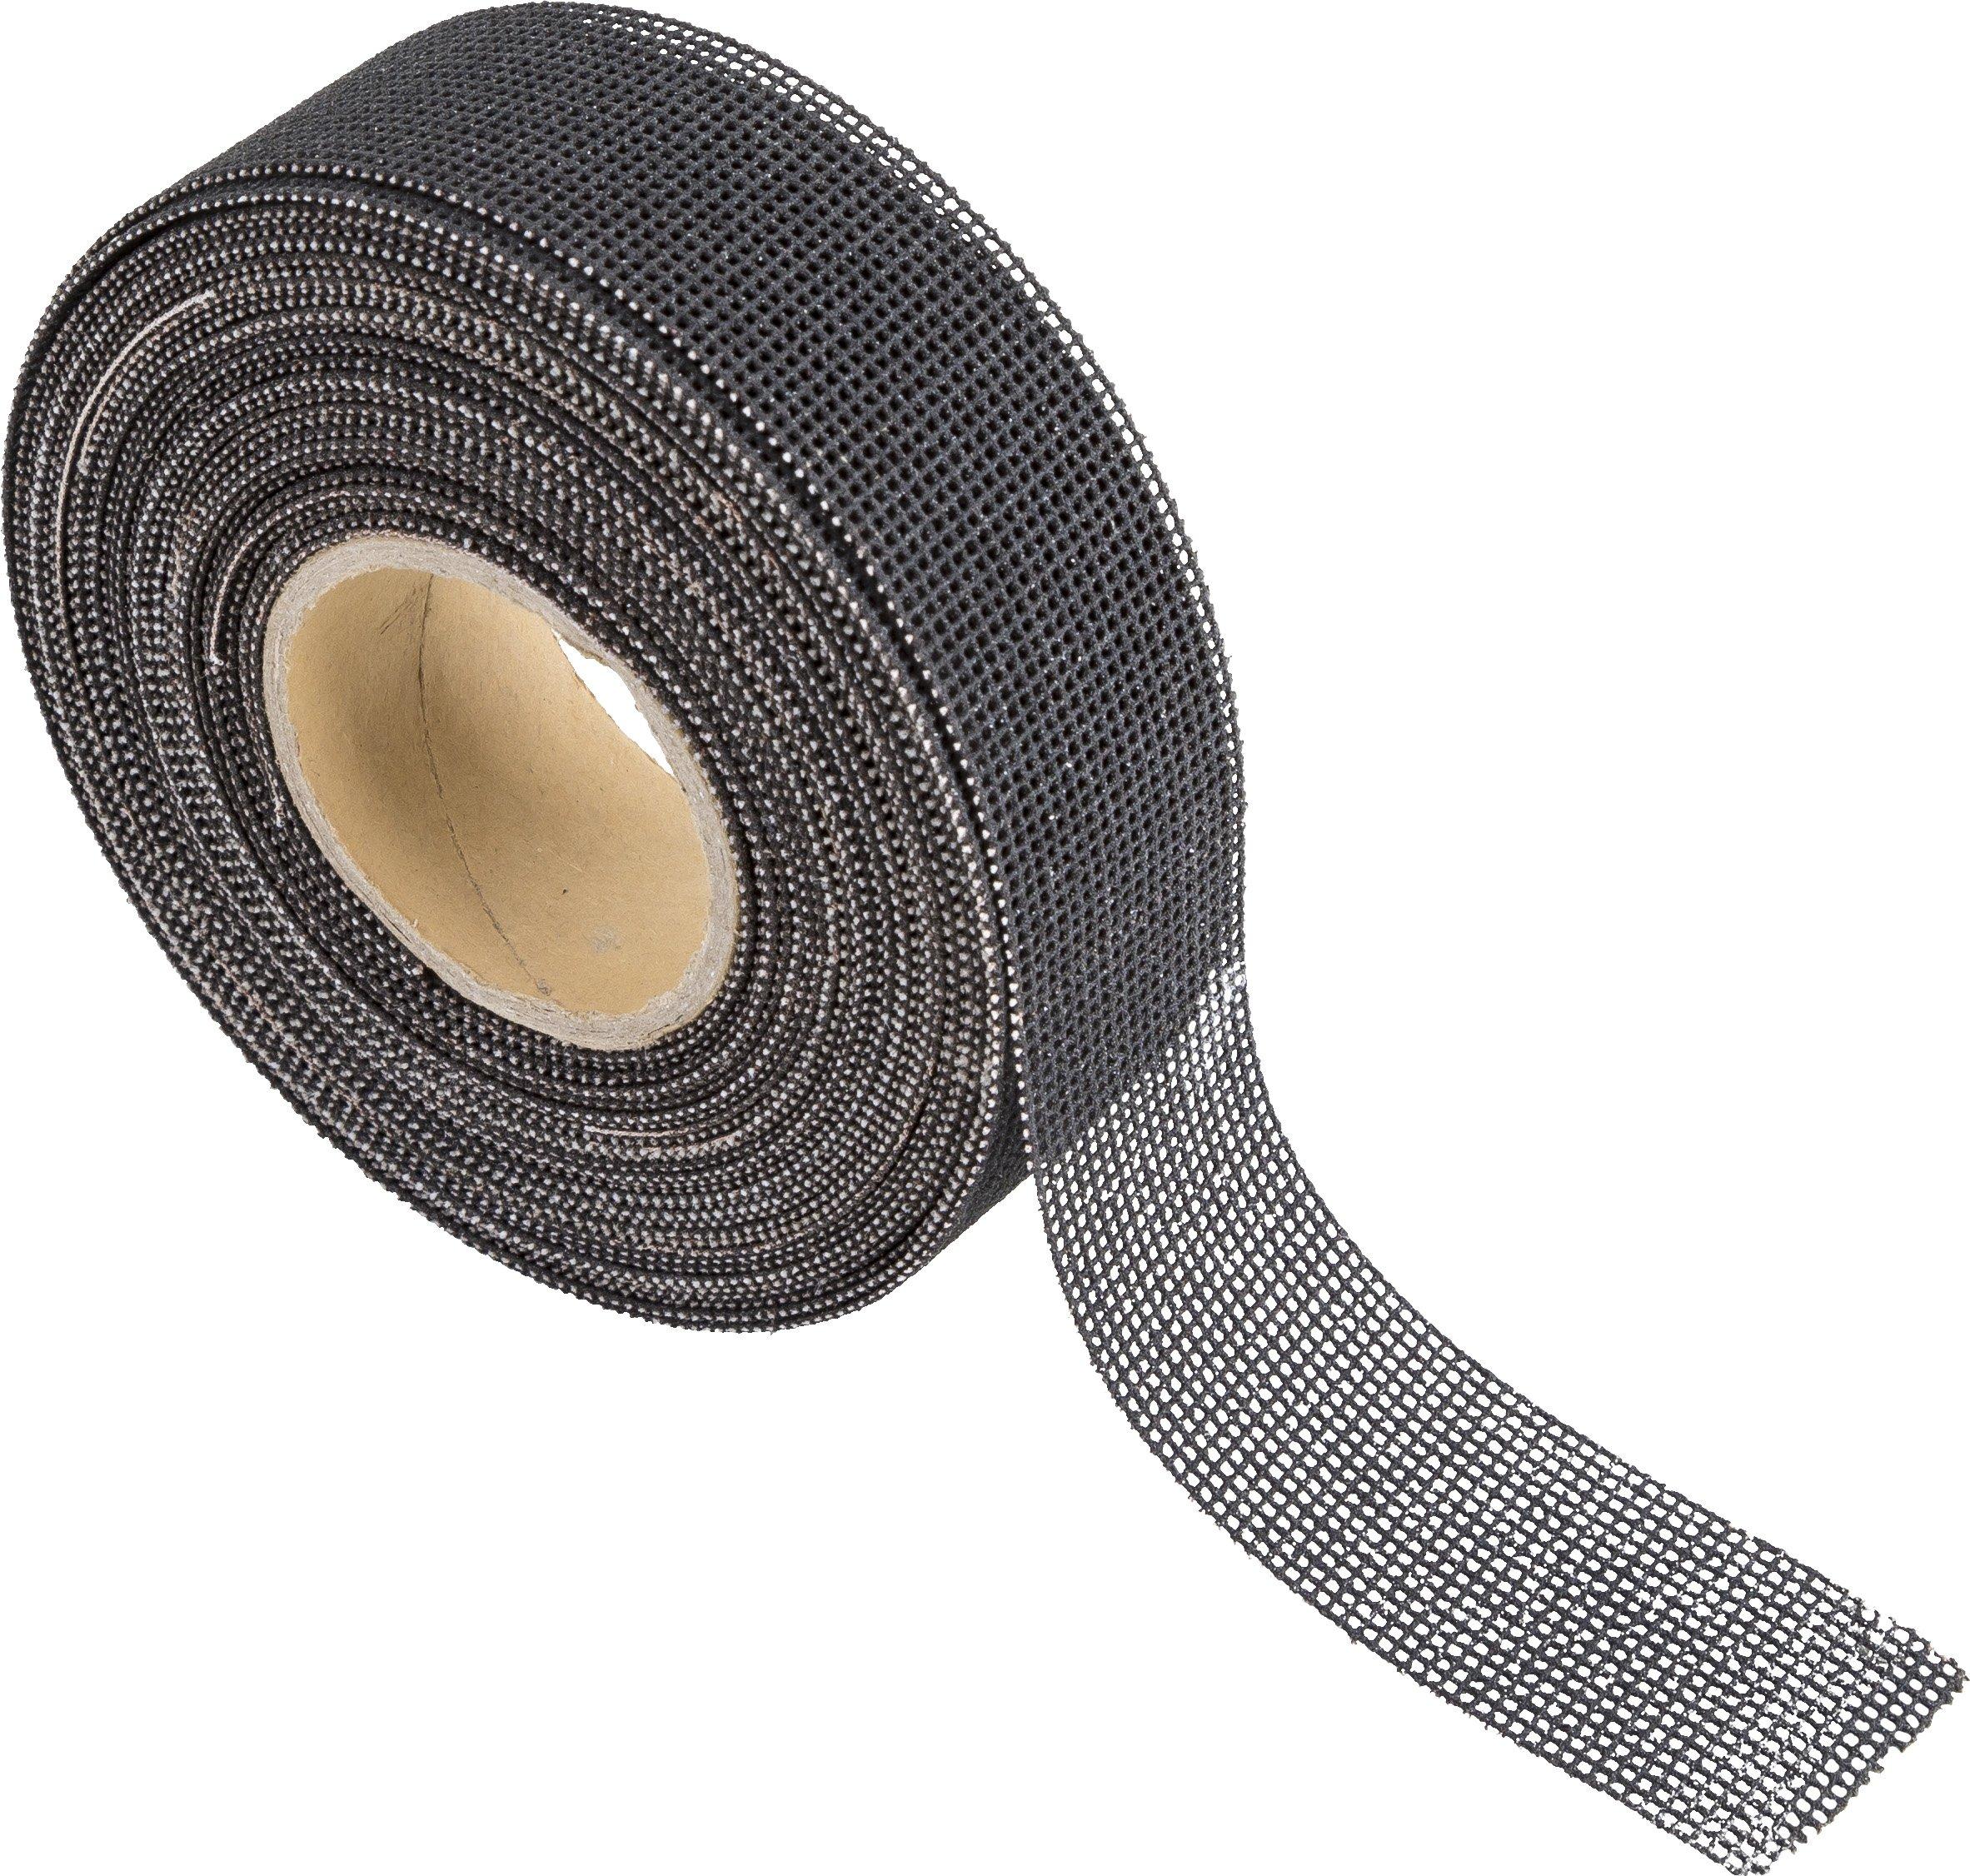 PFERD 47234 Abrasive Screen Roll, Silicon Carbide, 10 yd. Length x 1-1/2'' Width, 120 Grit by Pferd